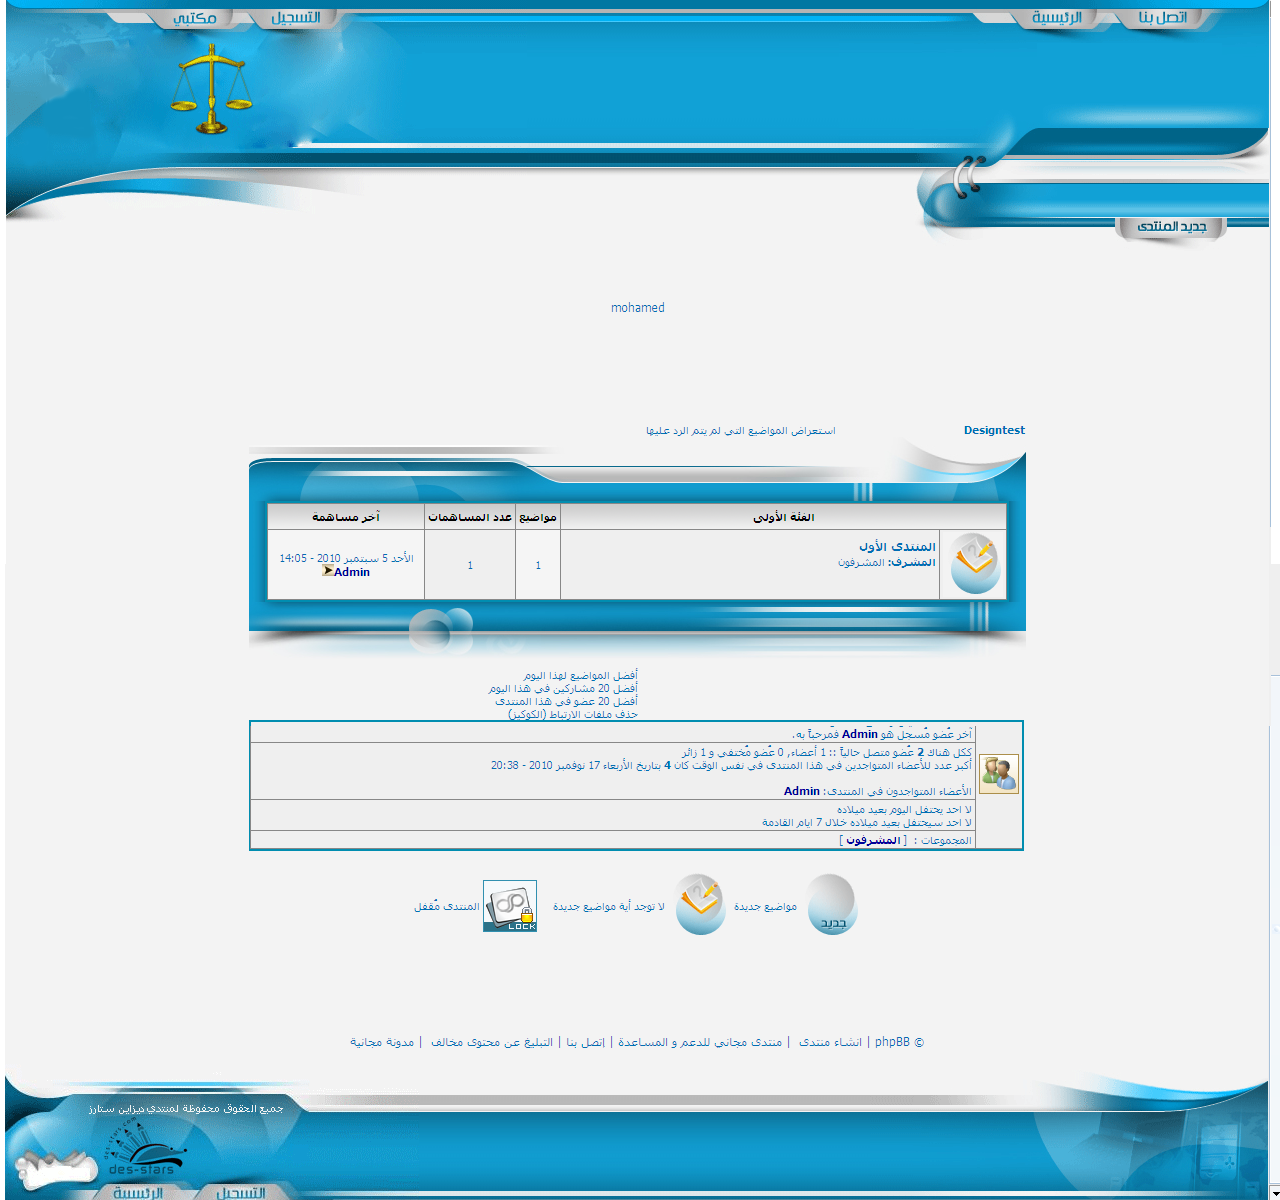 استايل أزرق رائع و هادئ للقانون و بنكهة خاصة لكم جميعا للنسخة phbb2 Untitl11